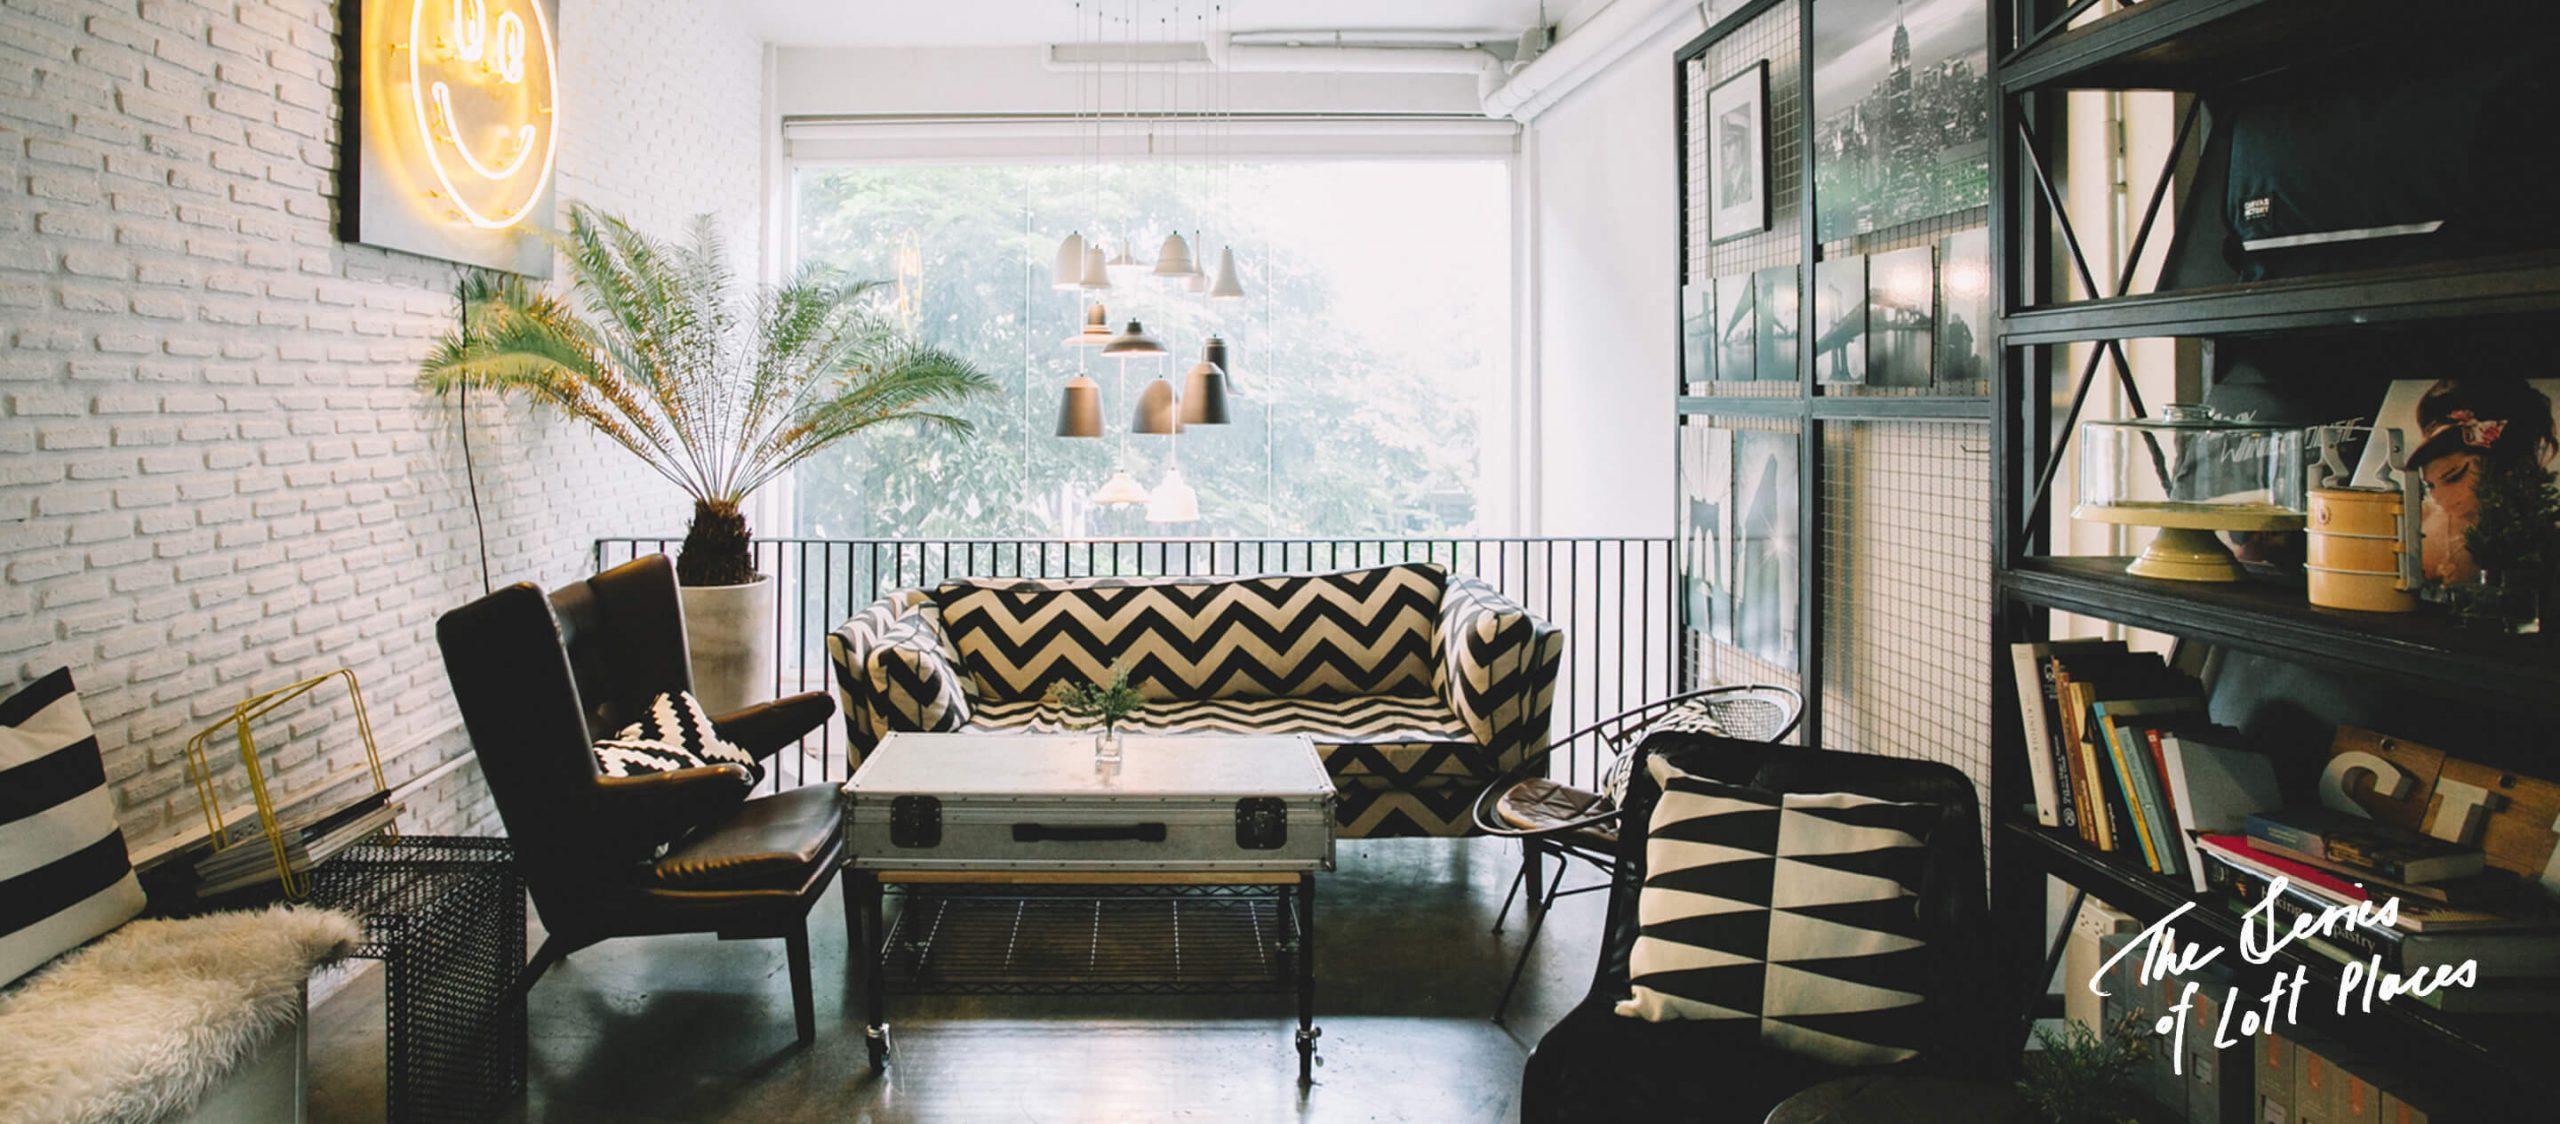 เสน่ห์และความงามที่ซ่อนอยู่ในความไม่สมบูรณ์แบบของ Sleep Industry Bed & Coffee